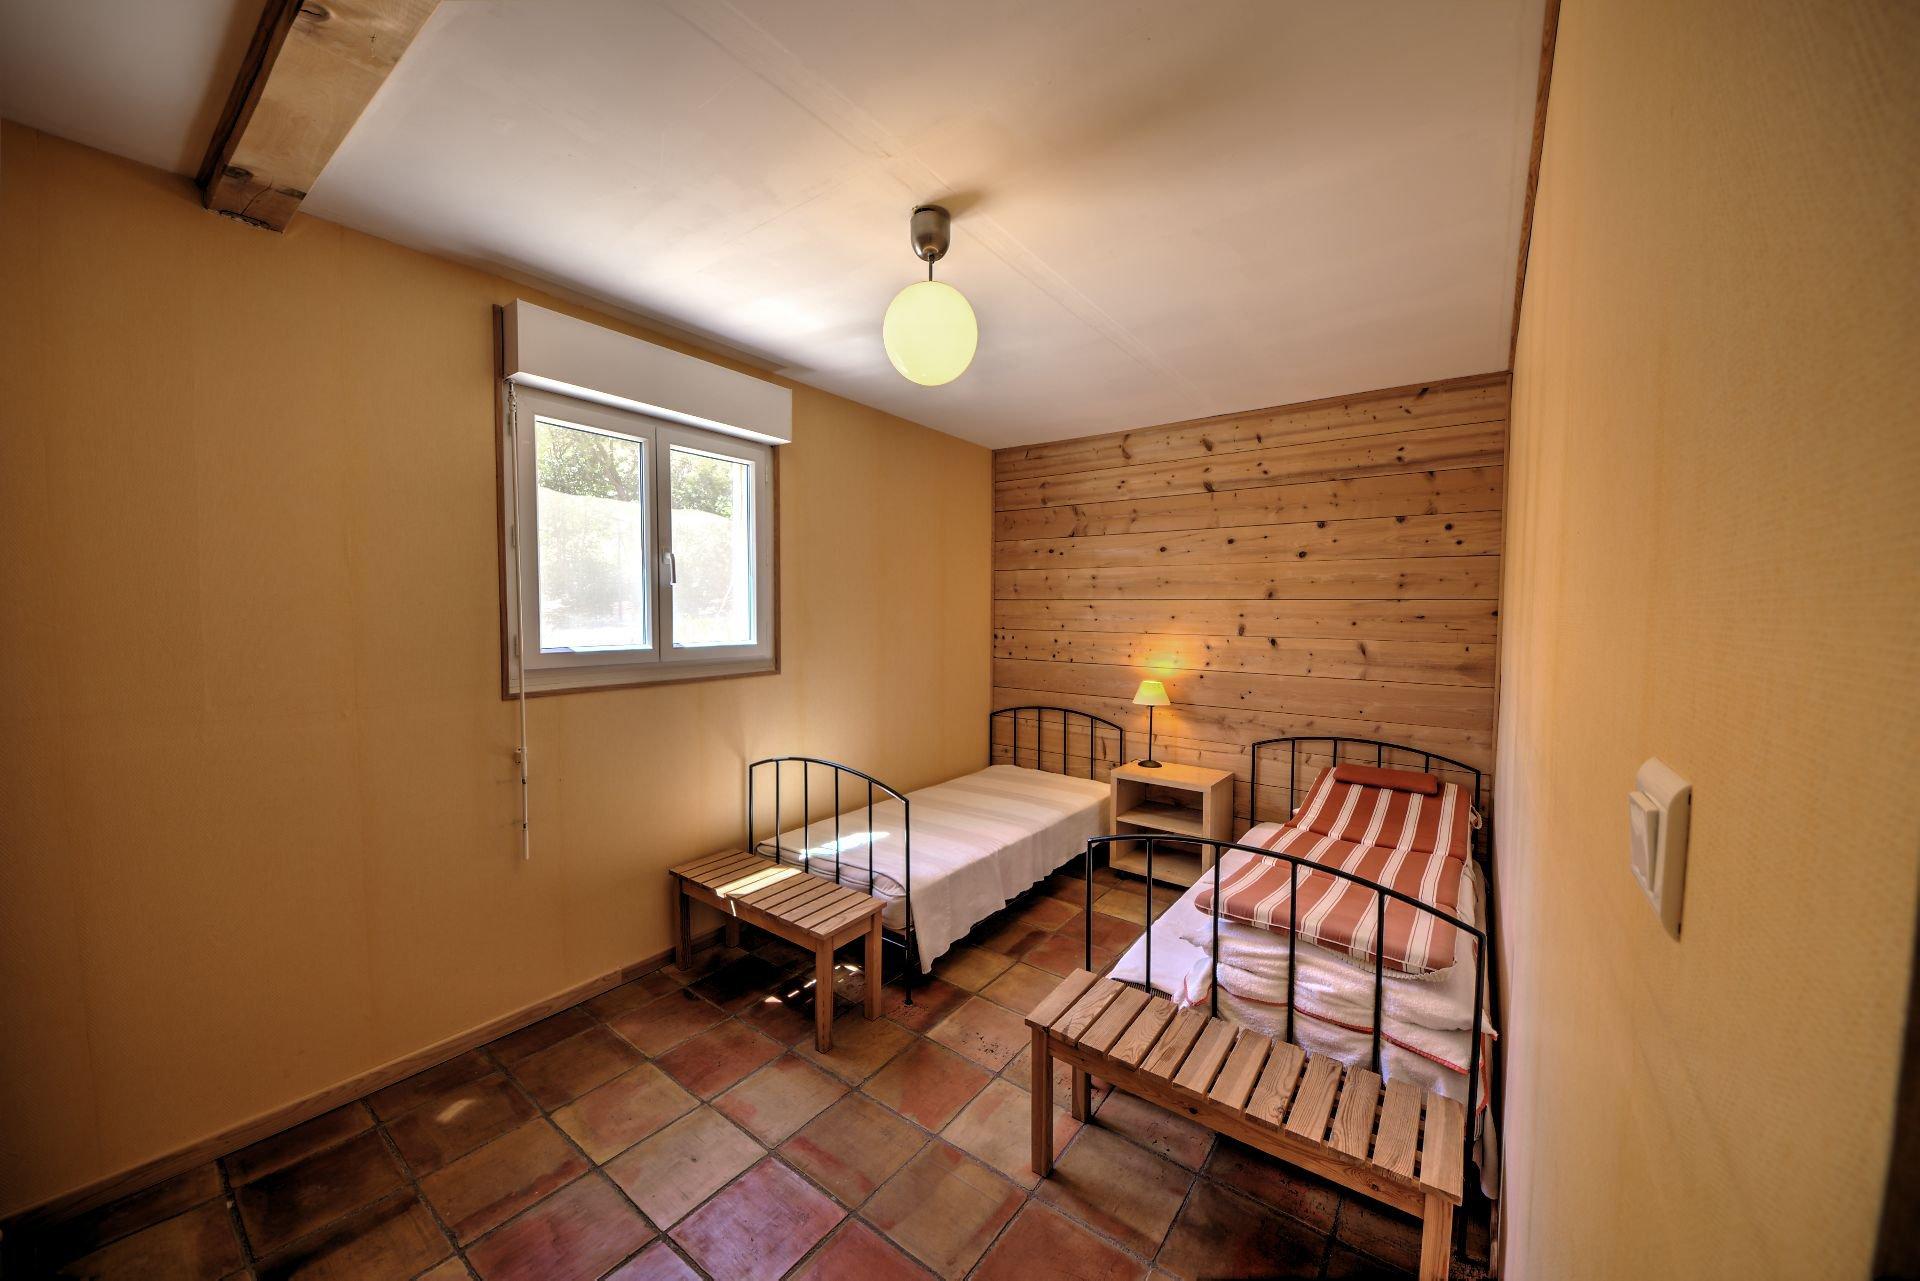 Chambre 2 rdc de Maison à ossature bois HPE, 180 m², 5 ch, piscine, Aups, Var, Provence, Paca